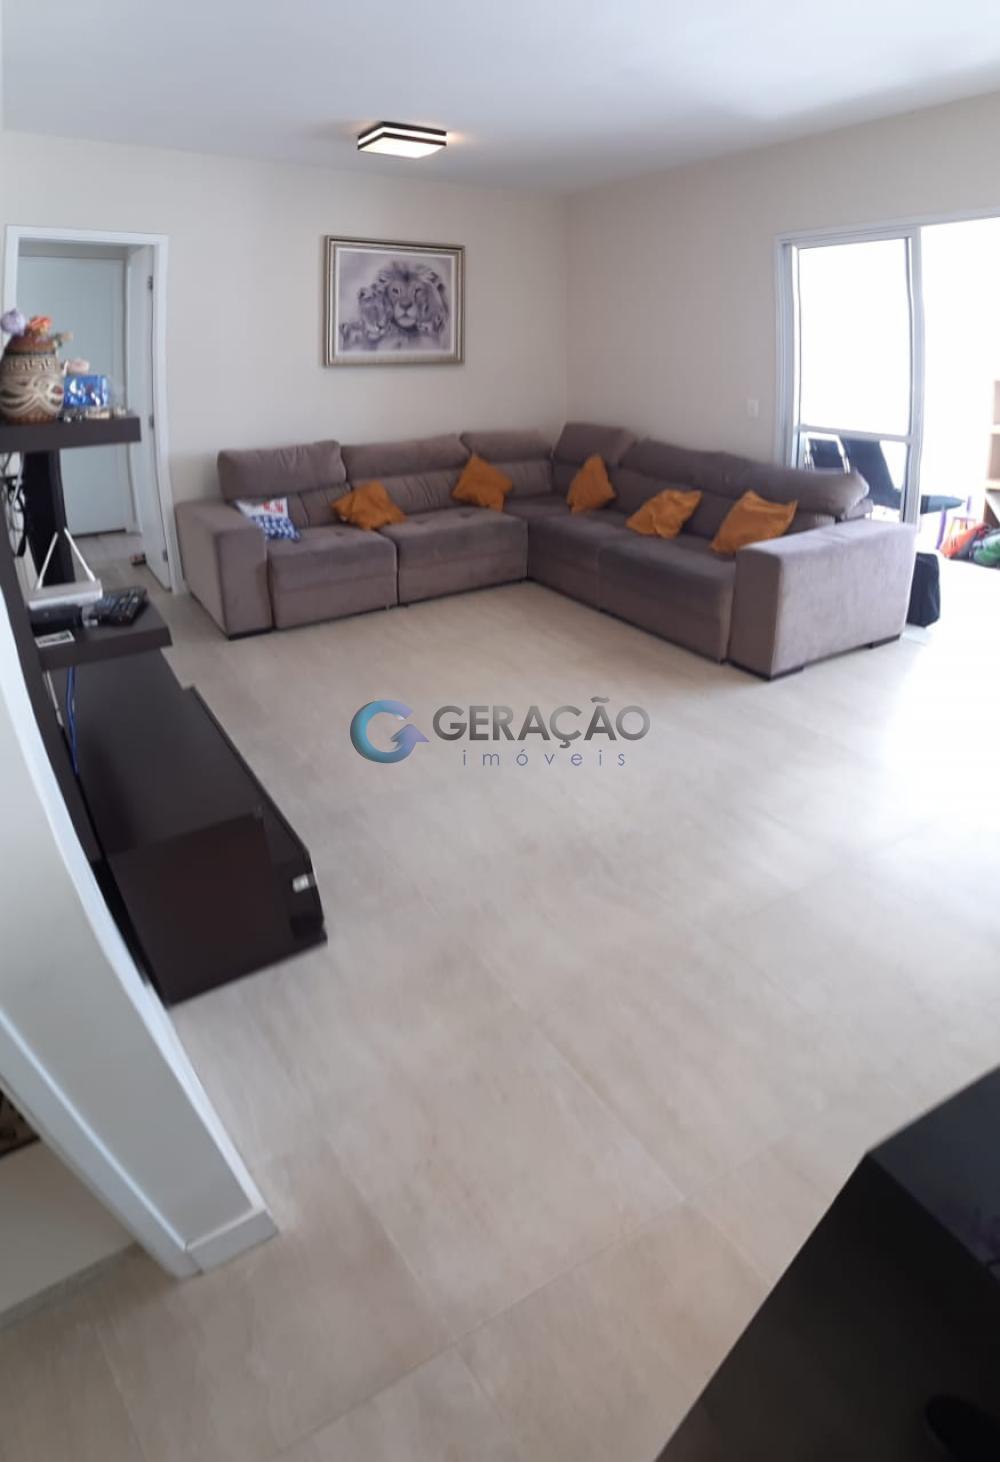 Comprar Apartamento / Padrão em São José dos Campos apenas R$ 800.000,00 - Foto 5